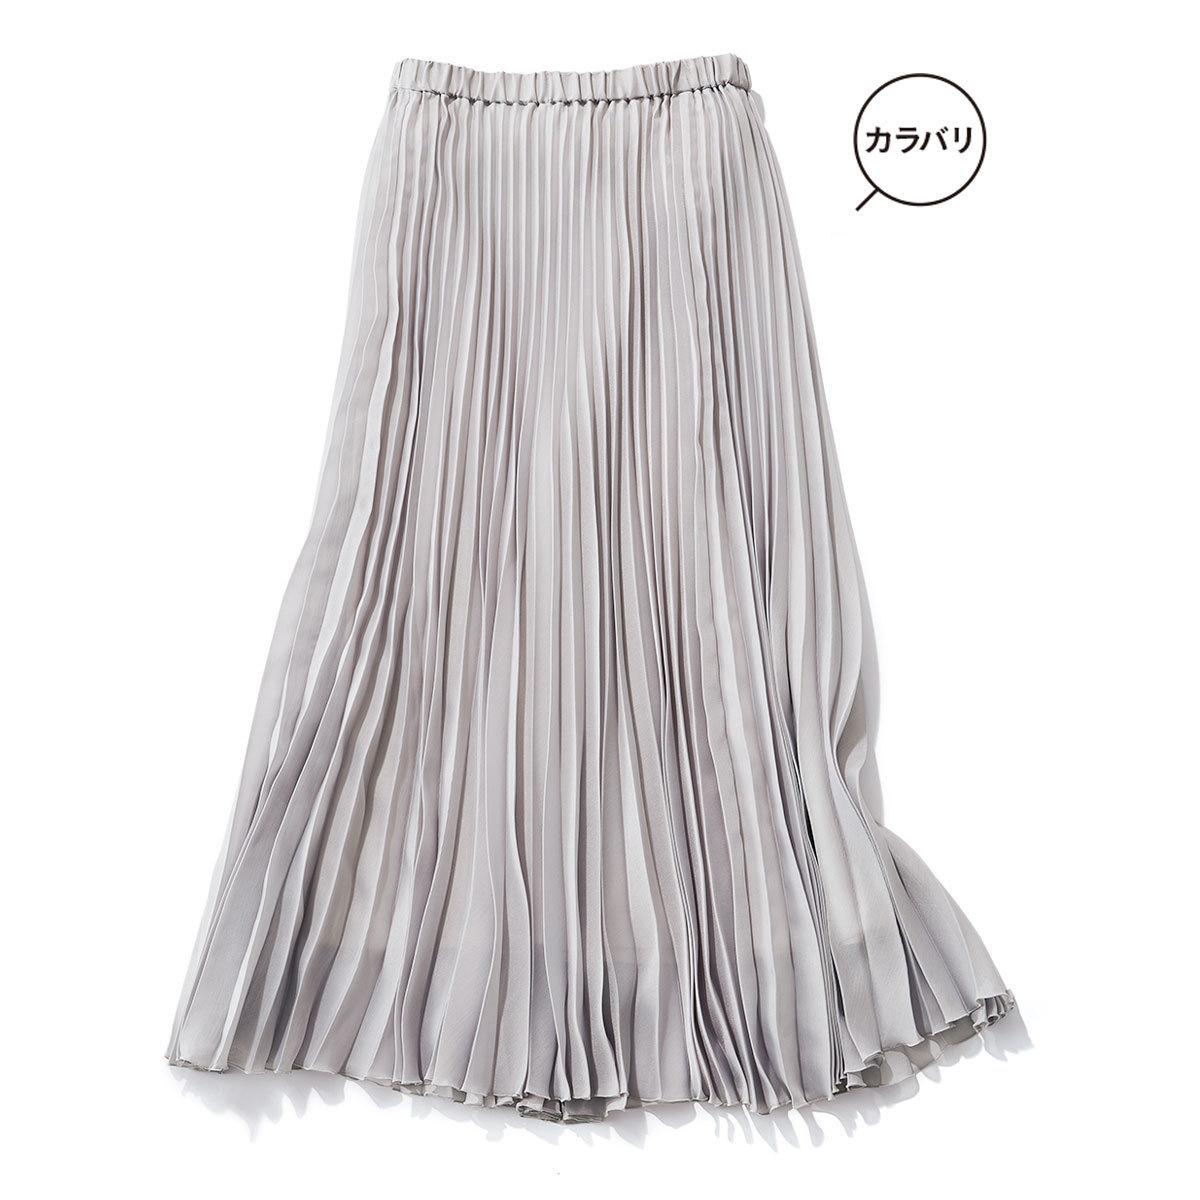 洗えるプリーツスカート